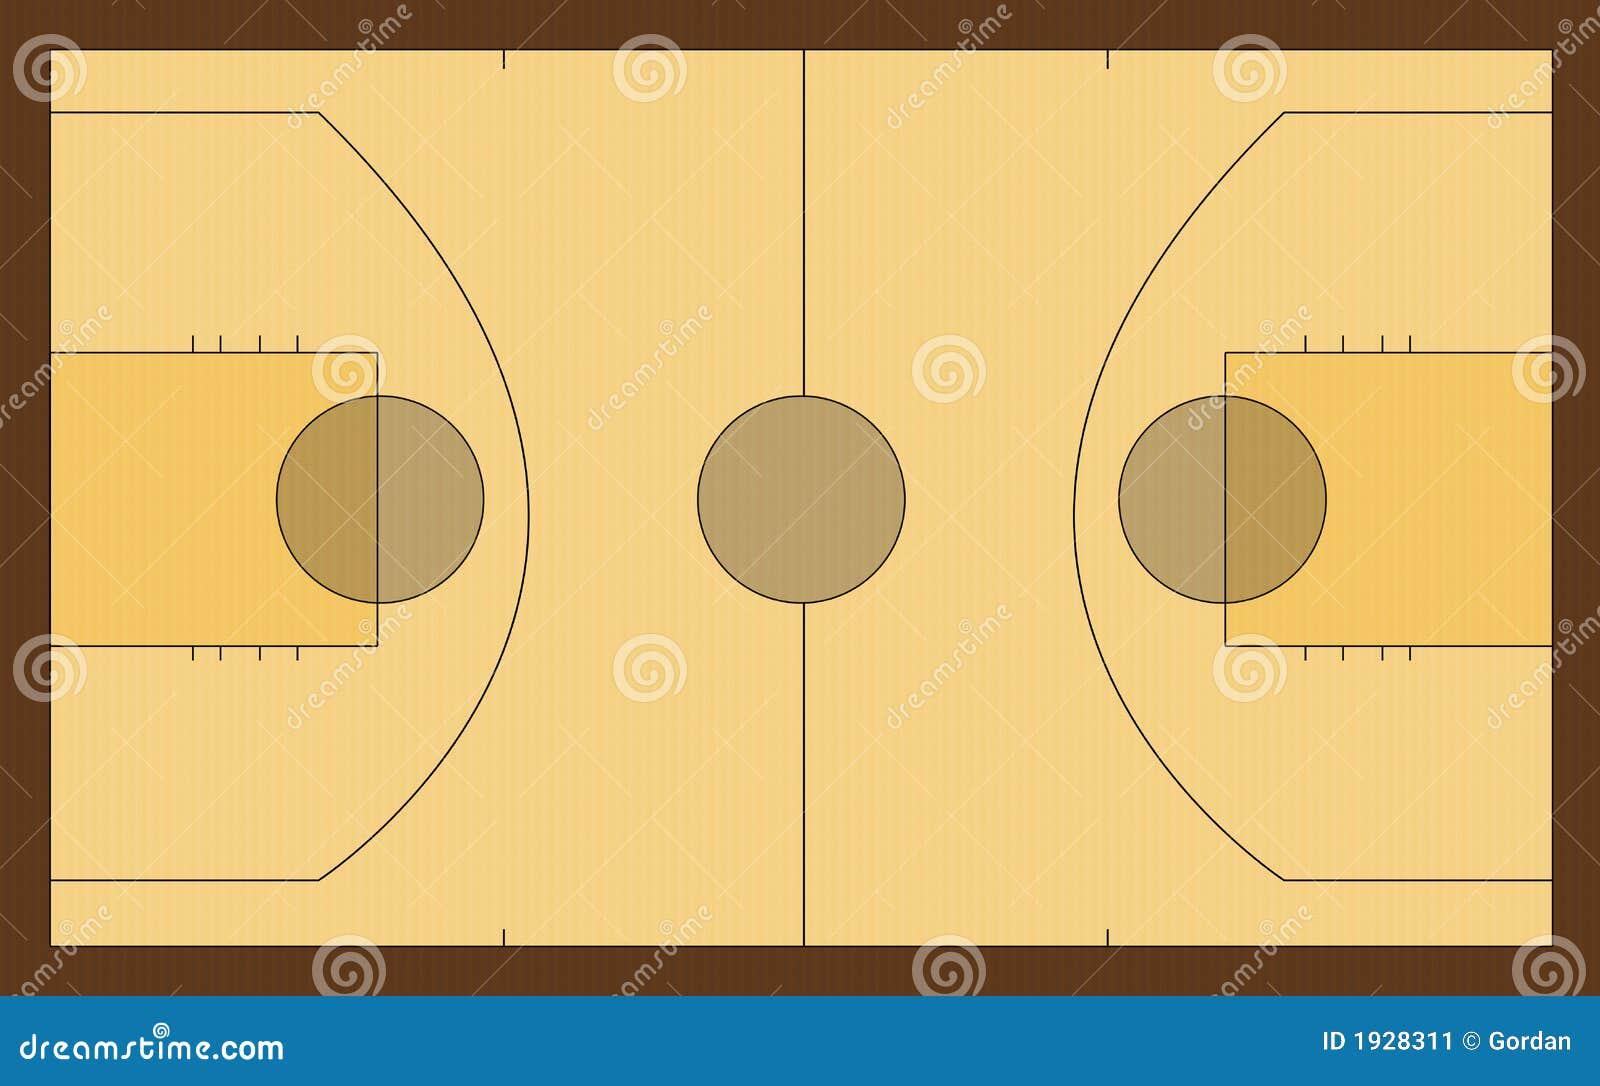 terrain de basket image stock image 1928311. Black Bedroom Furniture Sets. Home Design Ideas